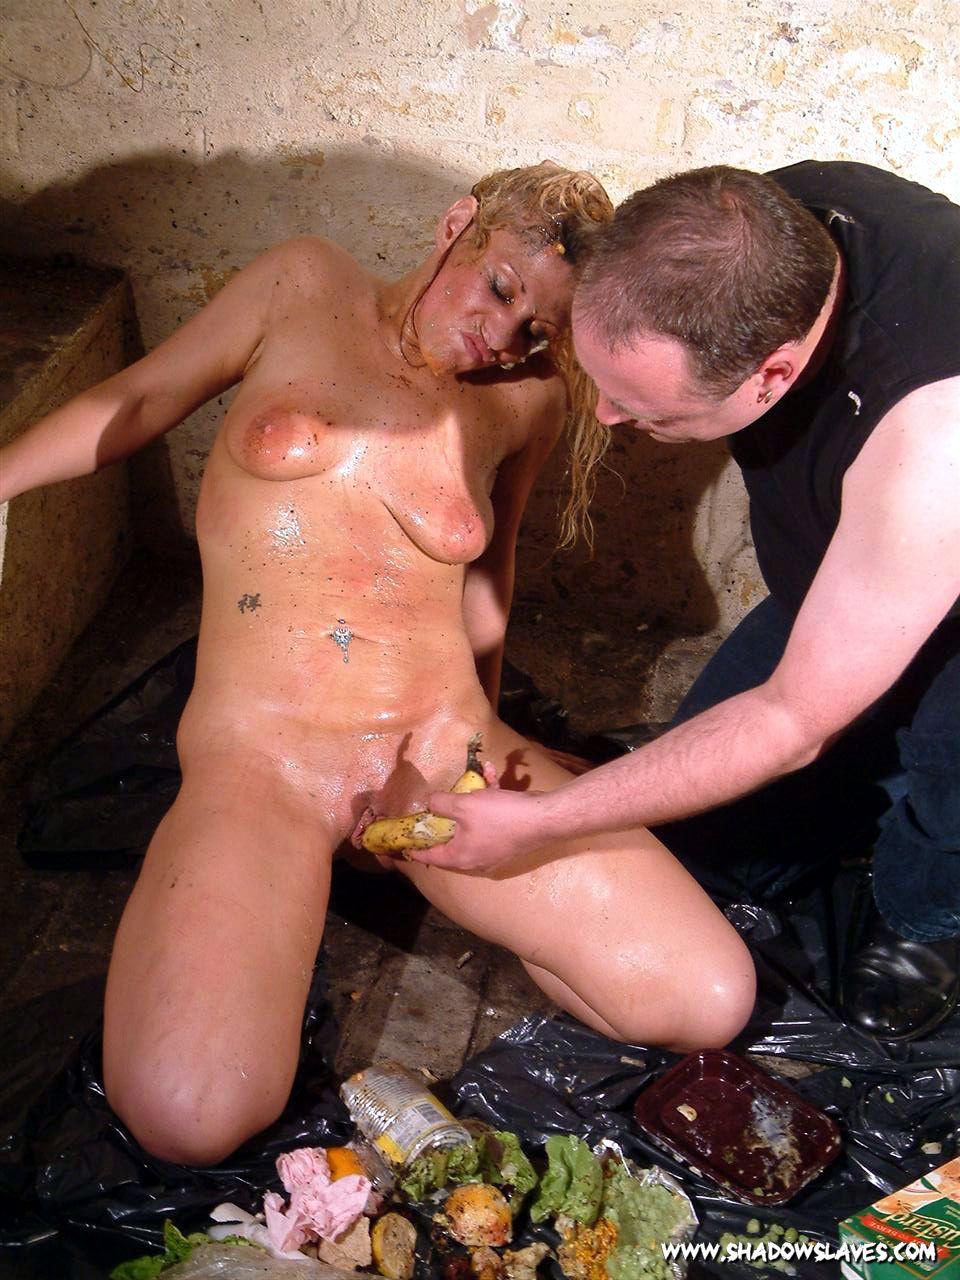 Hanah montah nude